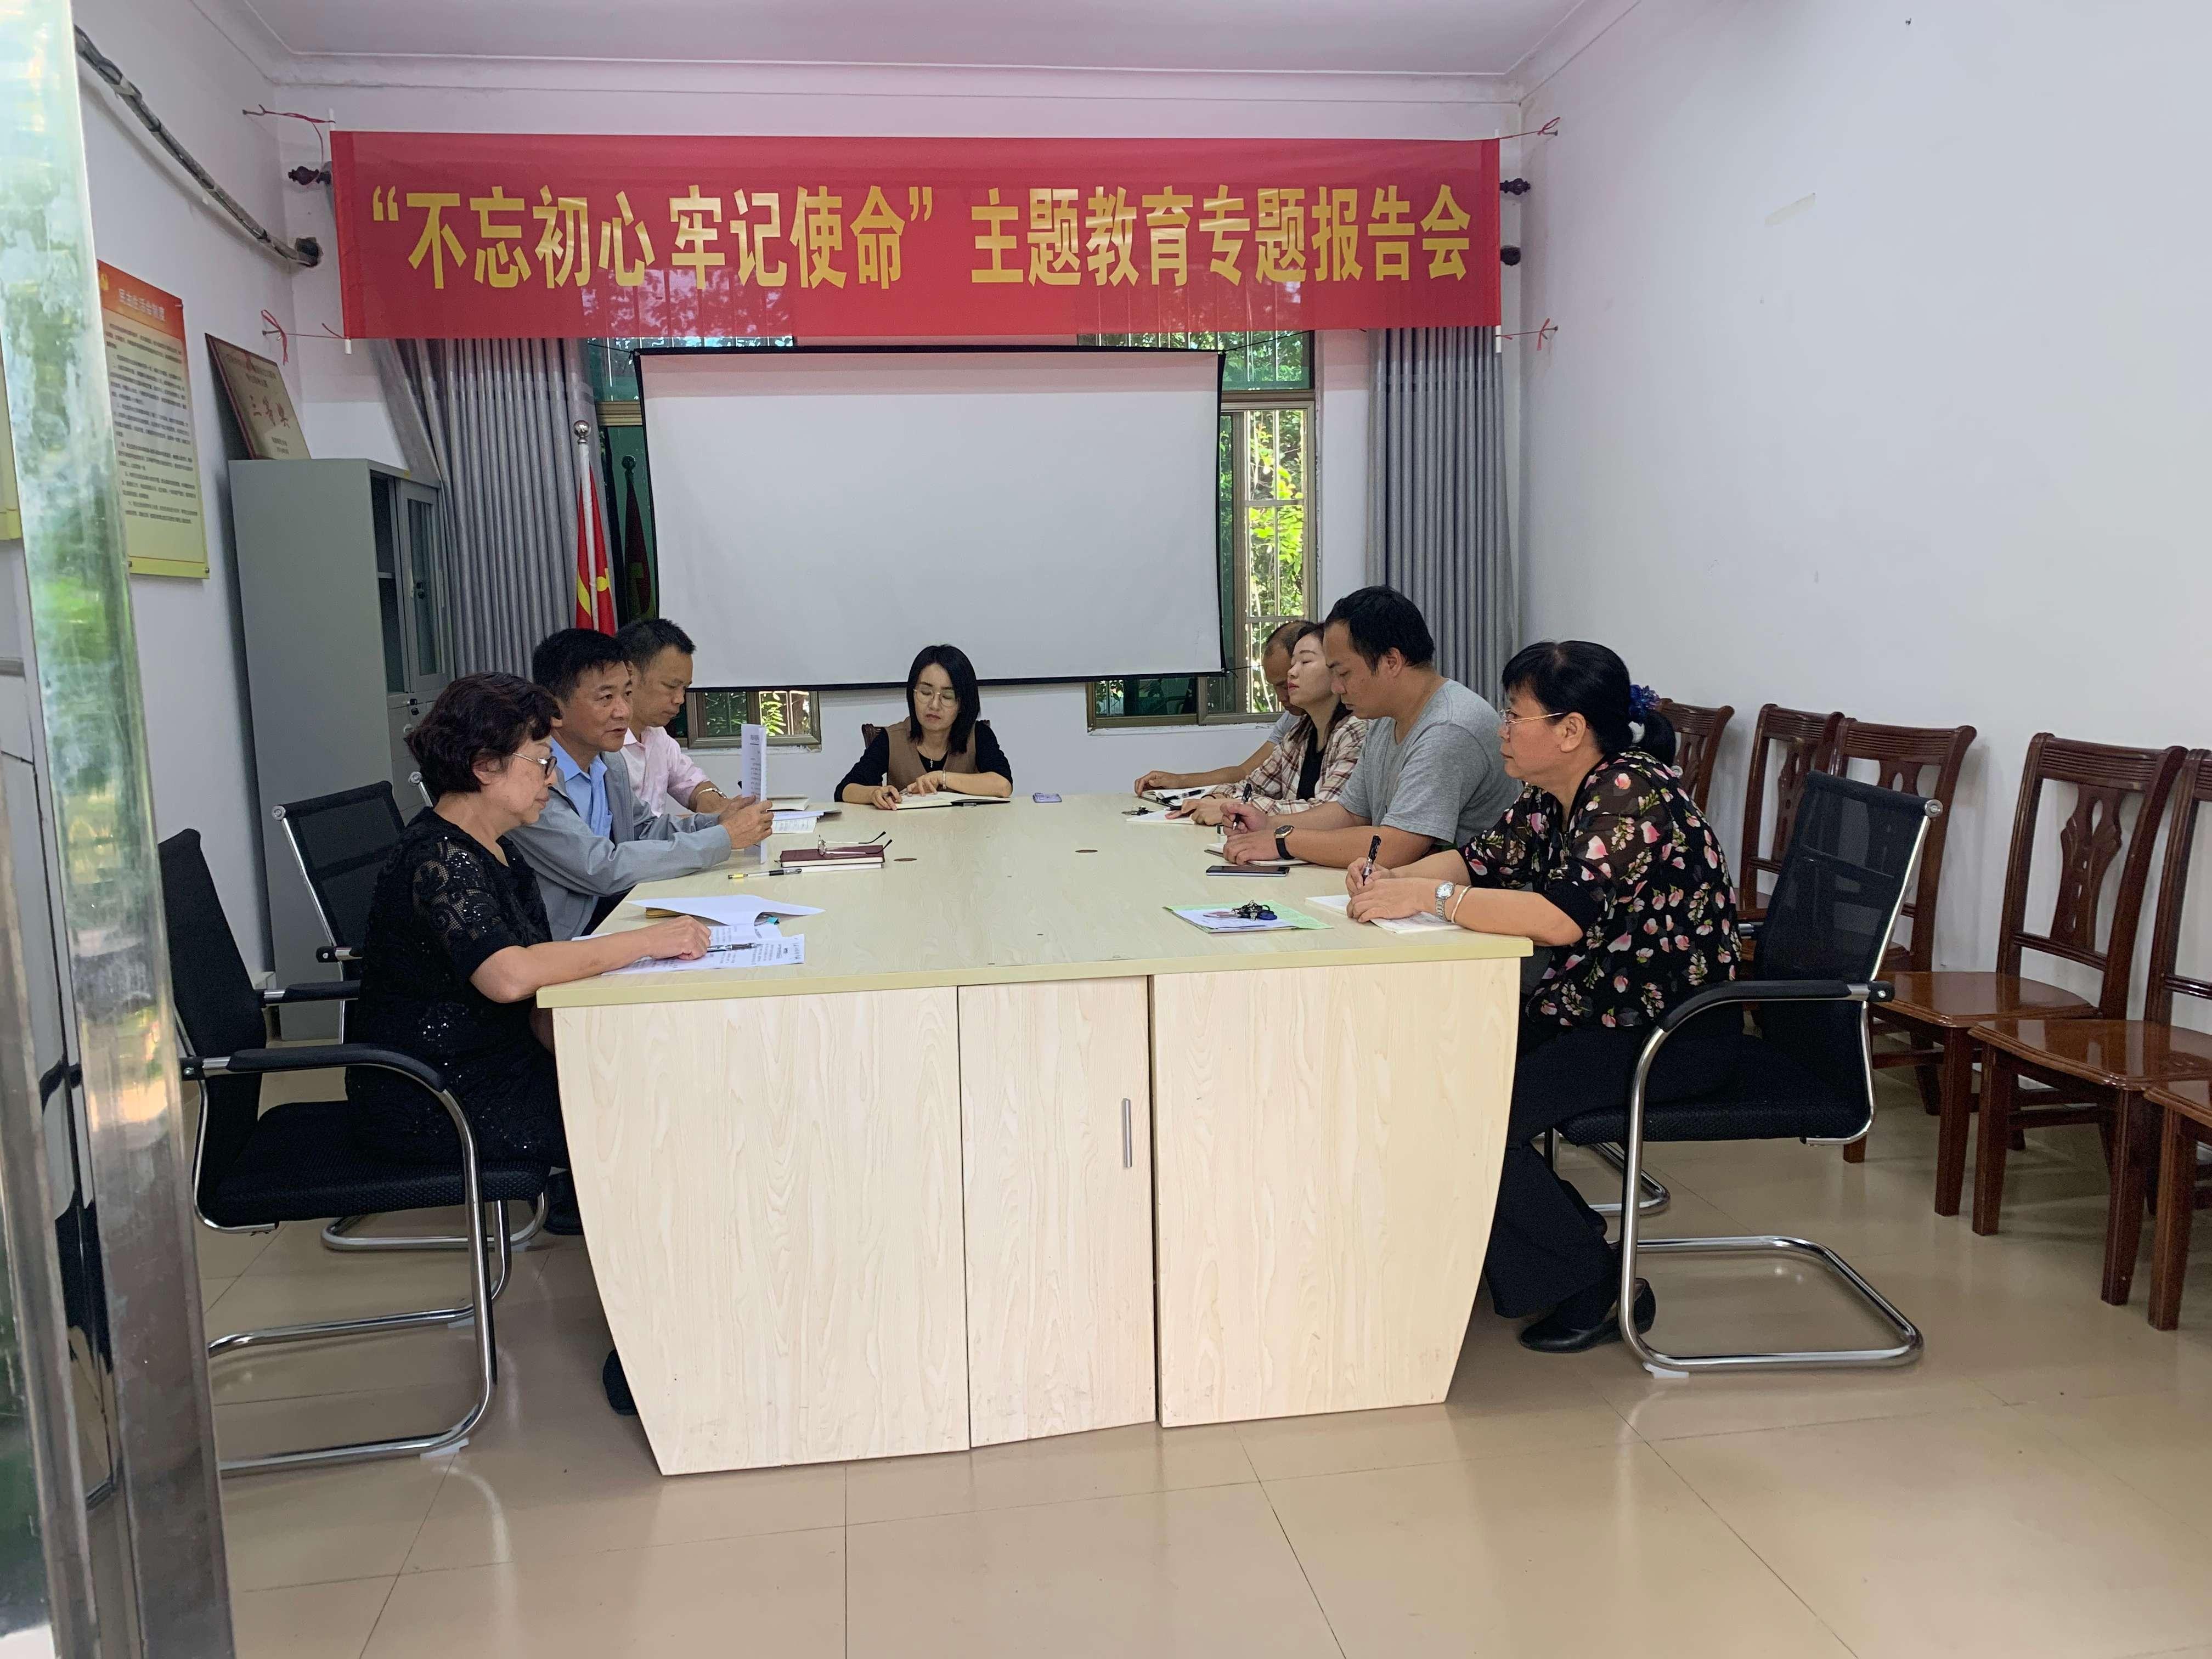 期刊社三个党支部分别组织学习党的十九届四中全会精神